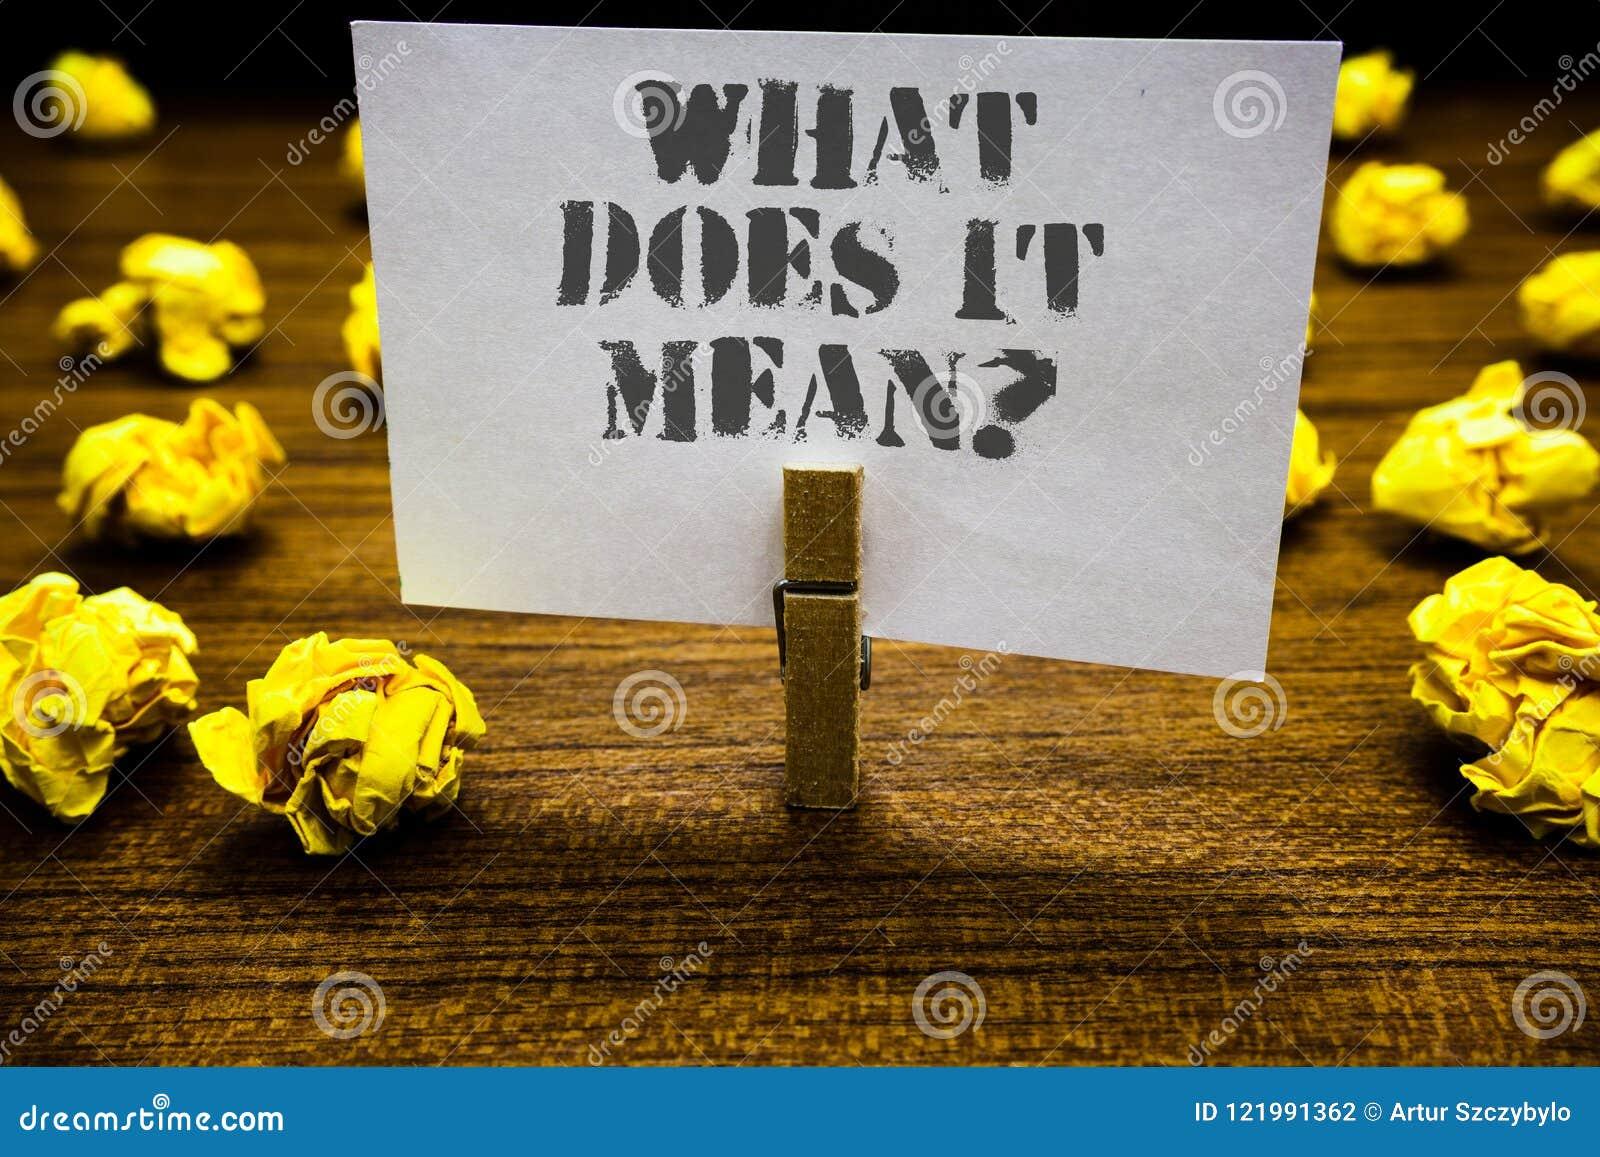 Σημάδι κειμένων που παρουσιάζει τι σημαίνει αυτό ερώτηση Η εννοιολογική φωτογραφία μου δίνει το νόημα κάτι πιάσιμο άσπρο PA Paper